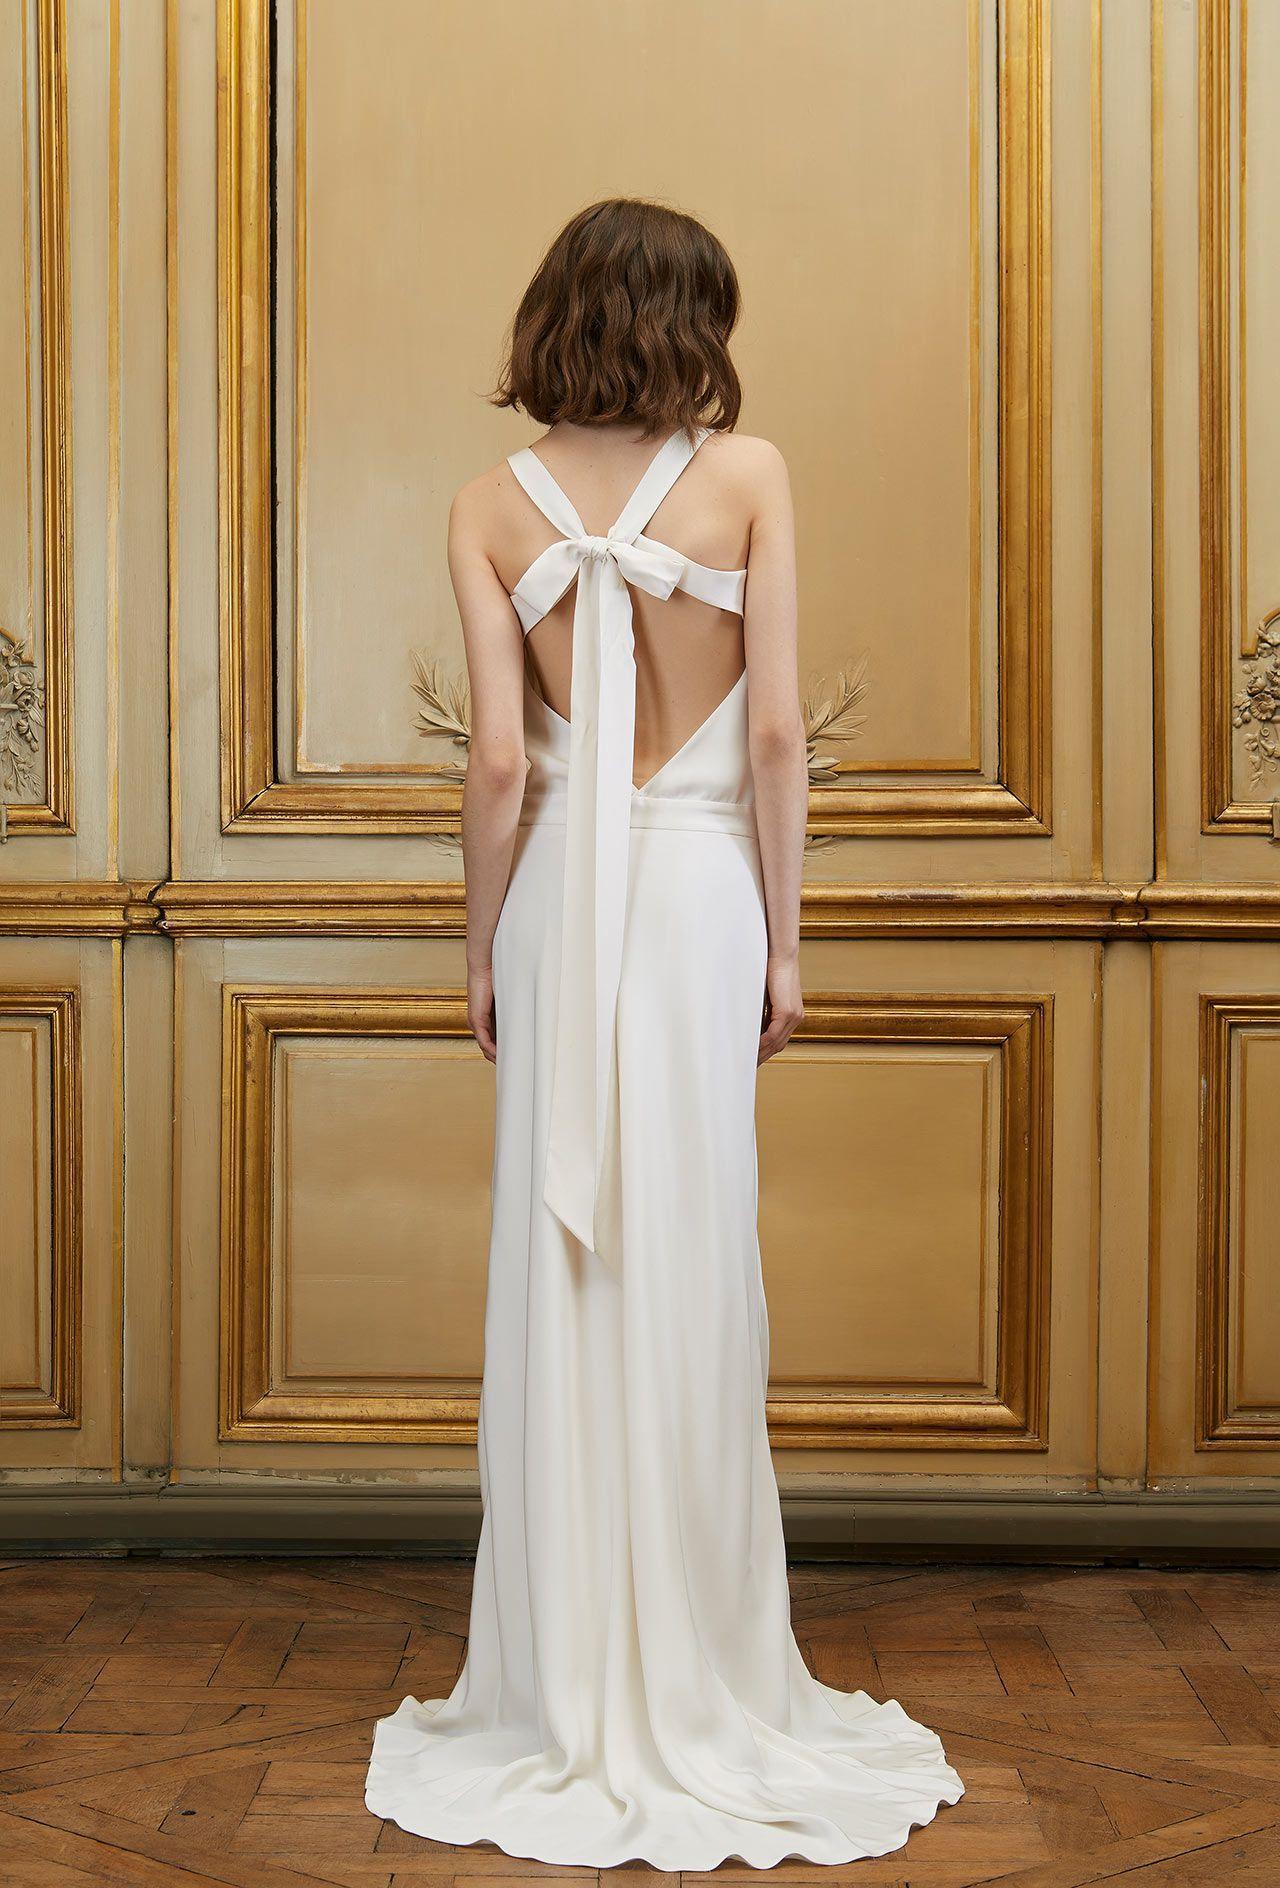 Robe de mariée longue Anatole - Signature Collection - Robes de mariée - Delphine Manivet ...